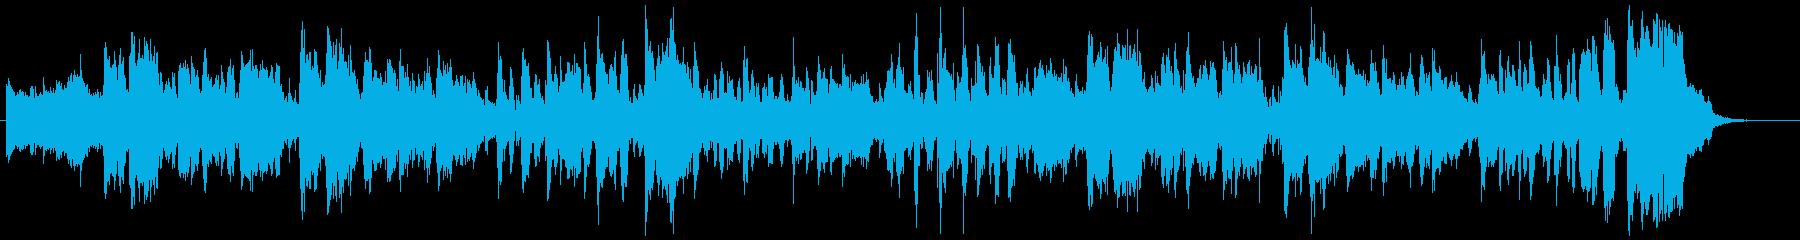 カレーをテーマにした楽曲の再生済みの波形